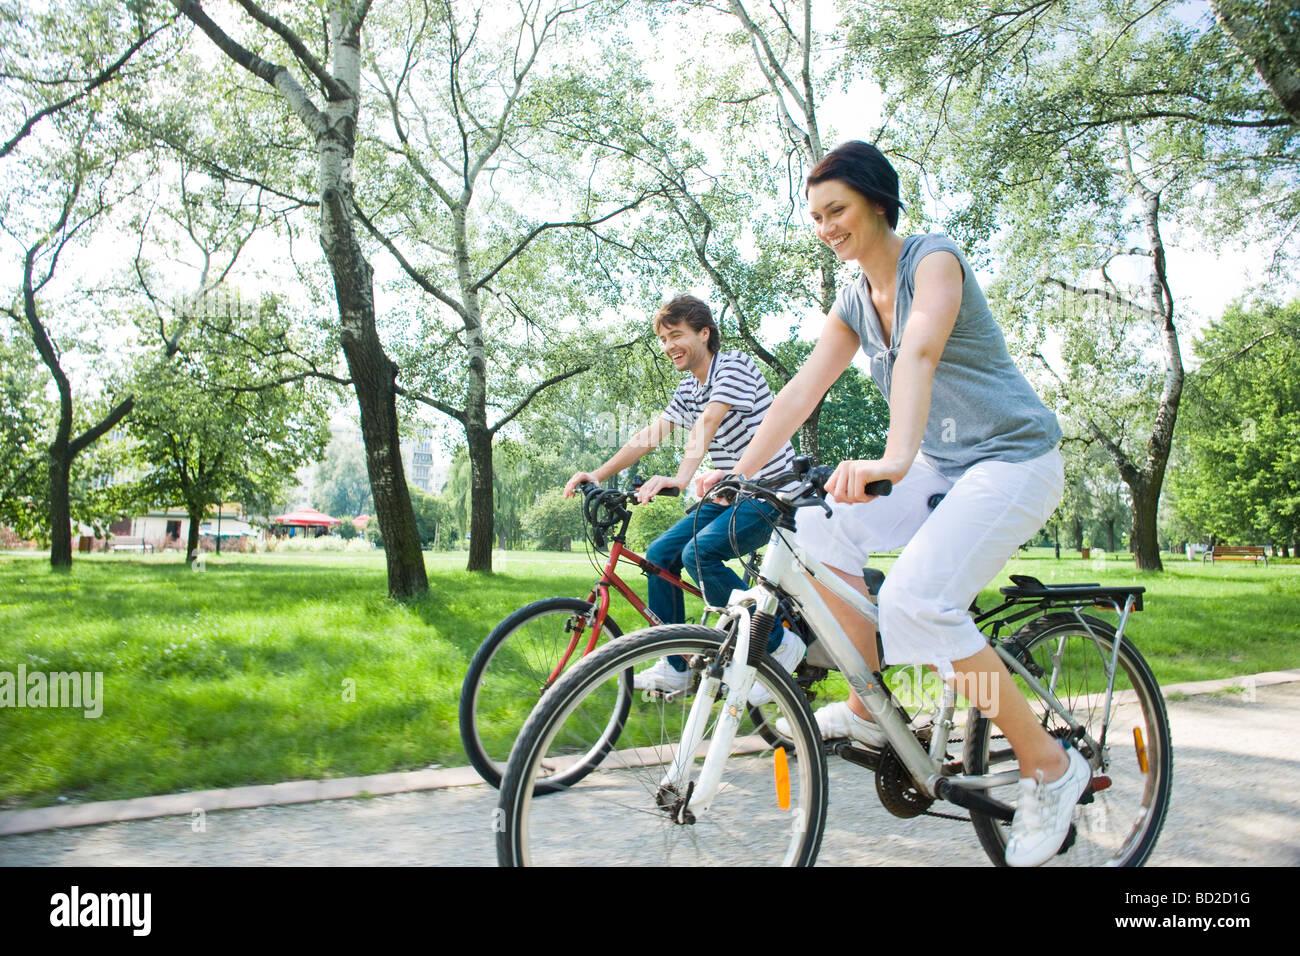 Matura in sella per biciclette in posizione di parcheggio Immagini Stock